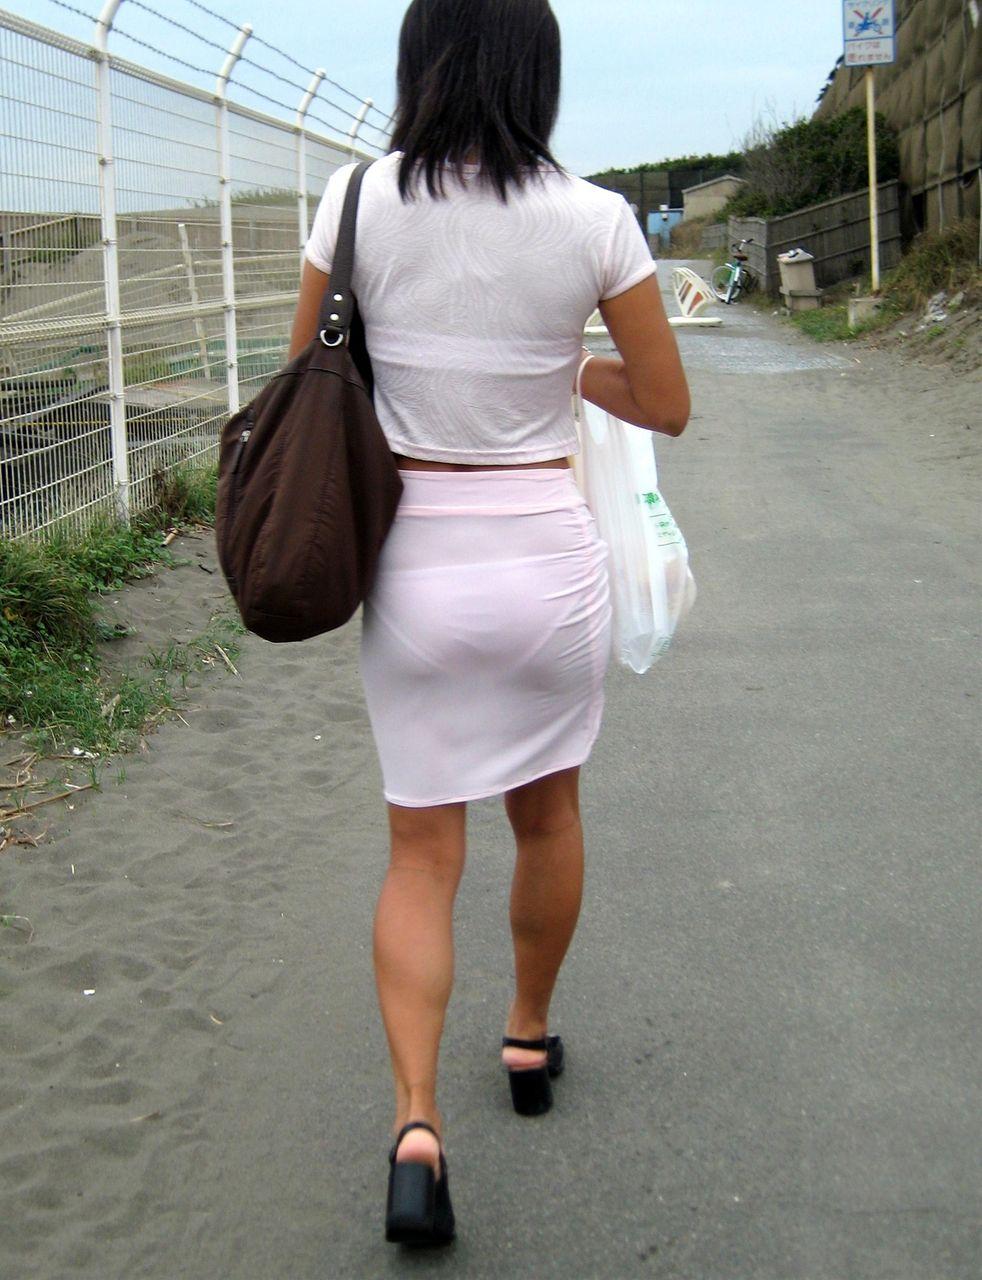 【透けブラエロ画像】まだ薄着多いから確認可能w街角女性のブラ確認(*´д`*)